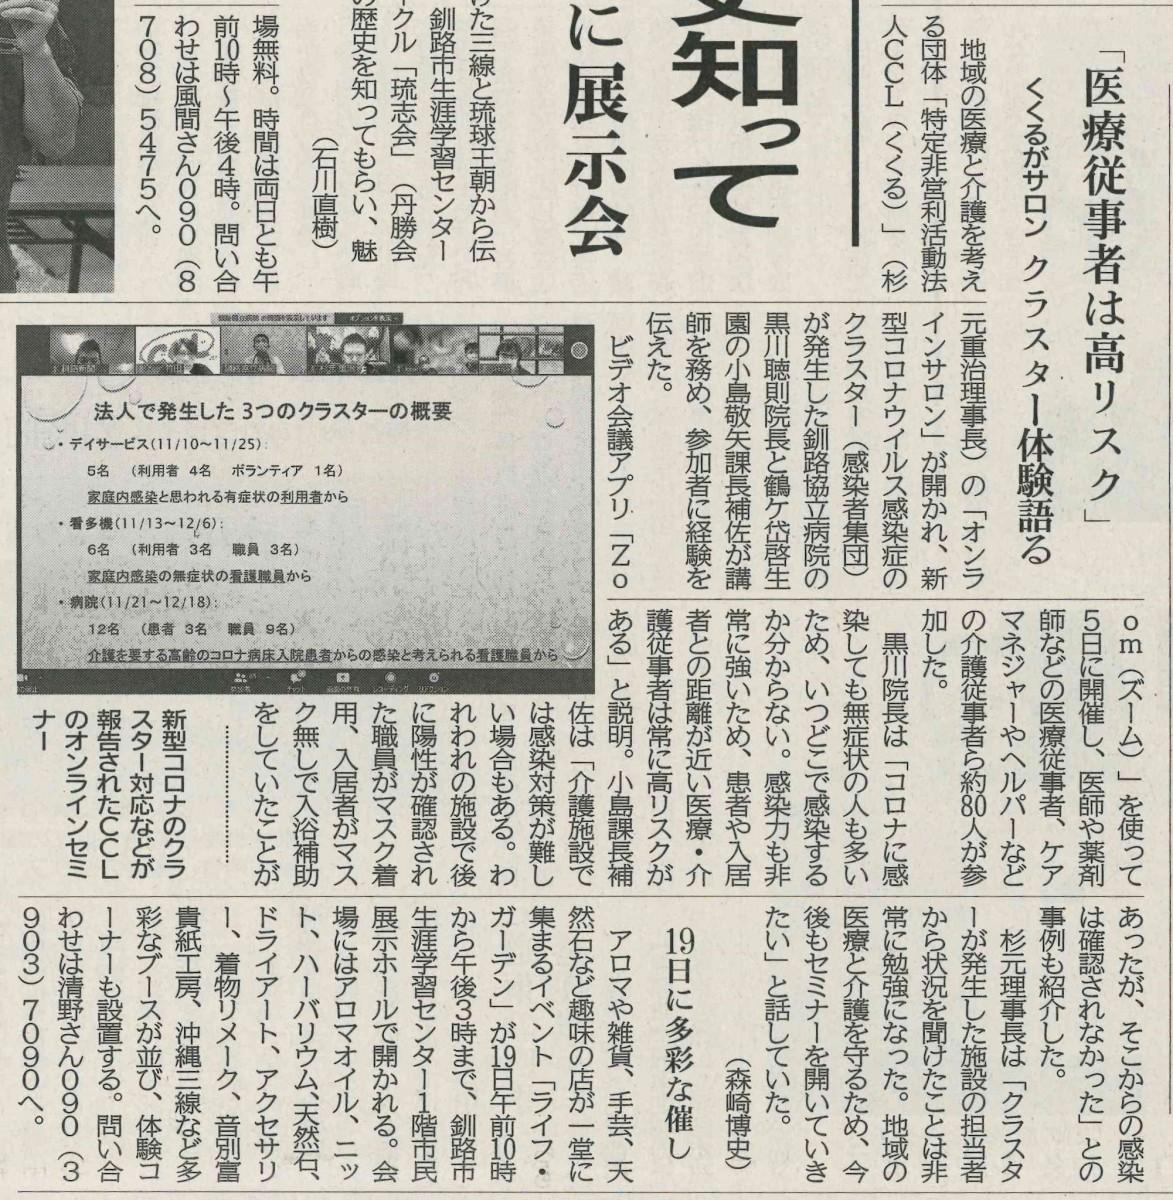 釧路新聞 2021年3月16日付